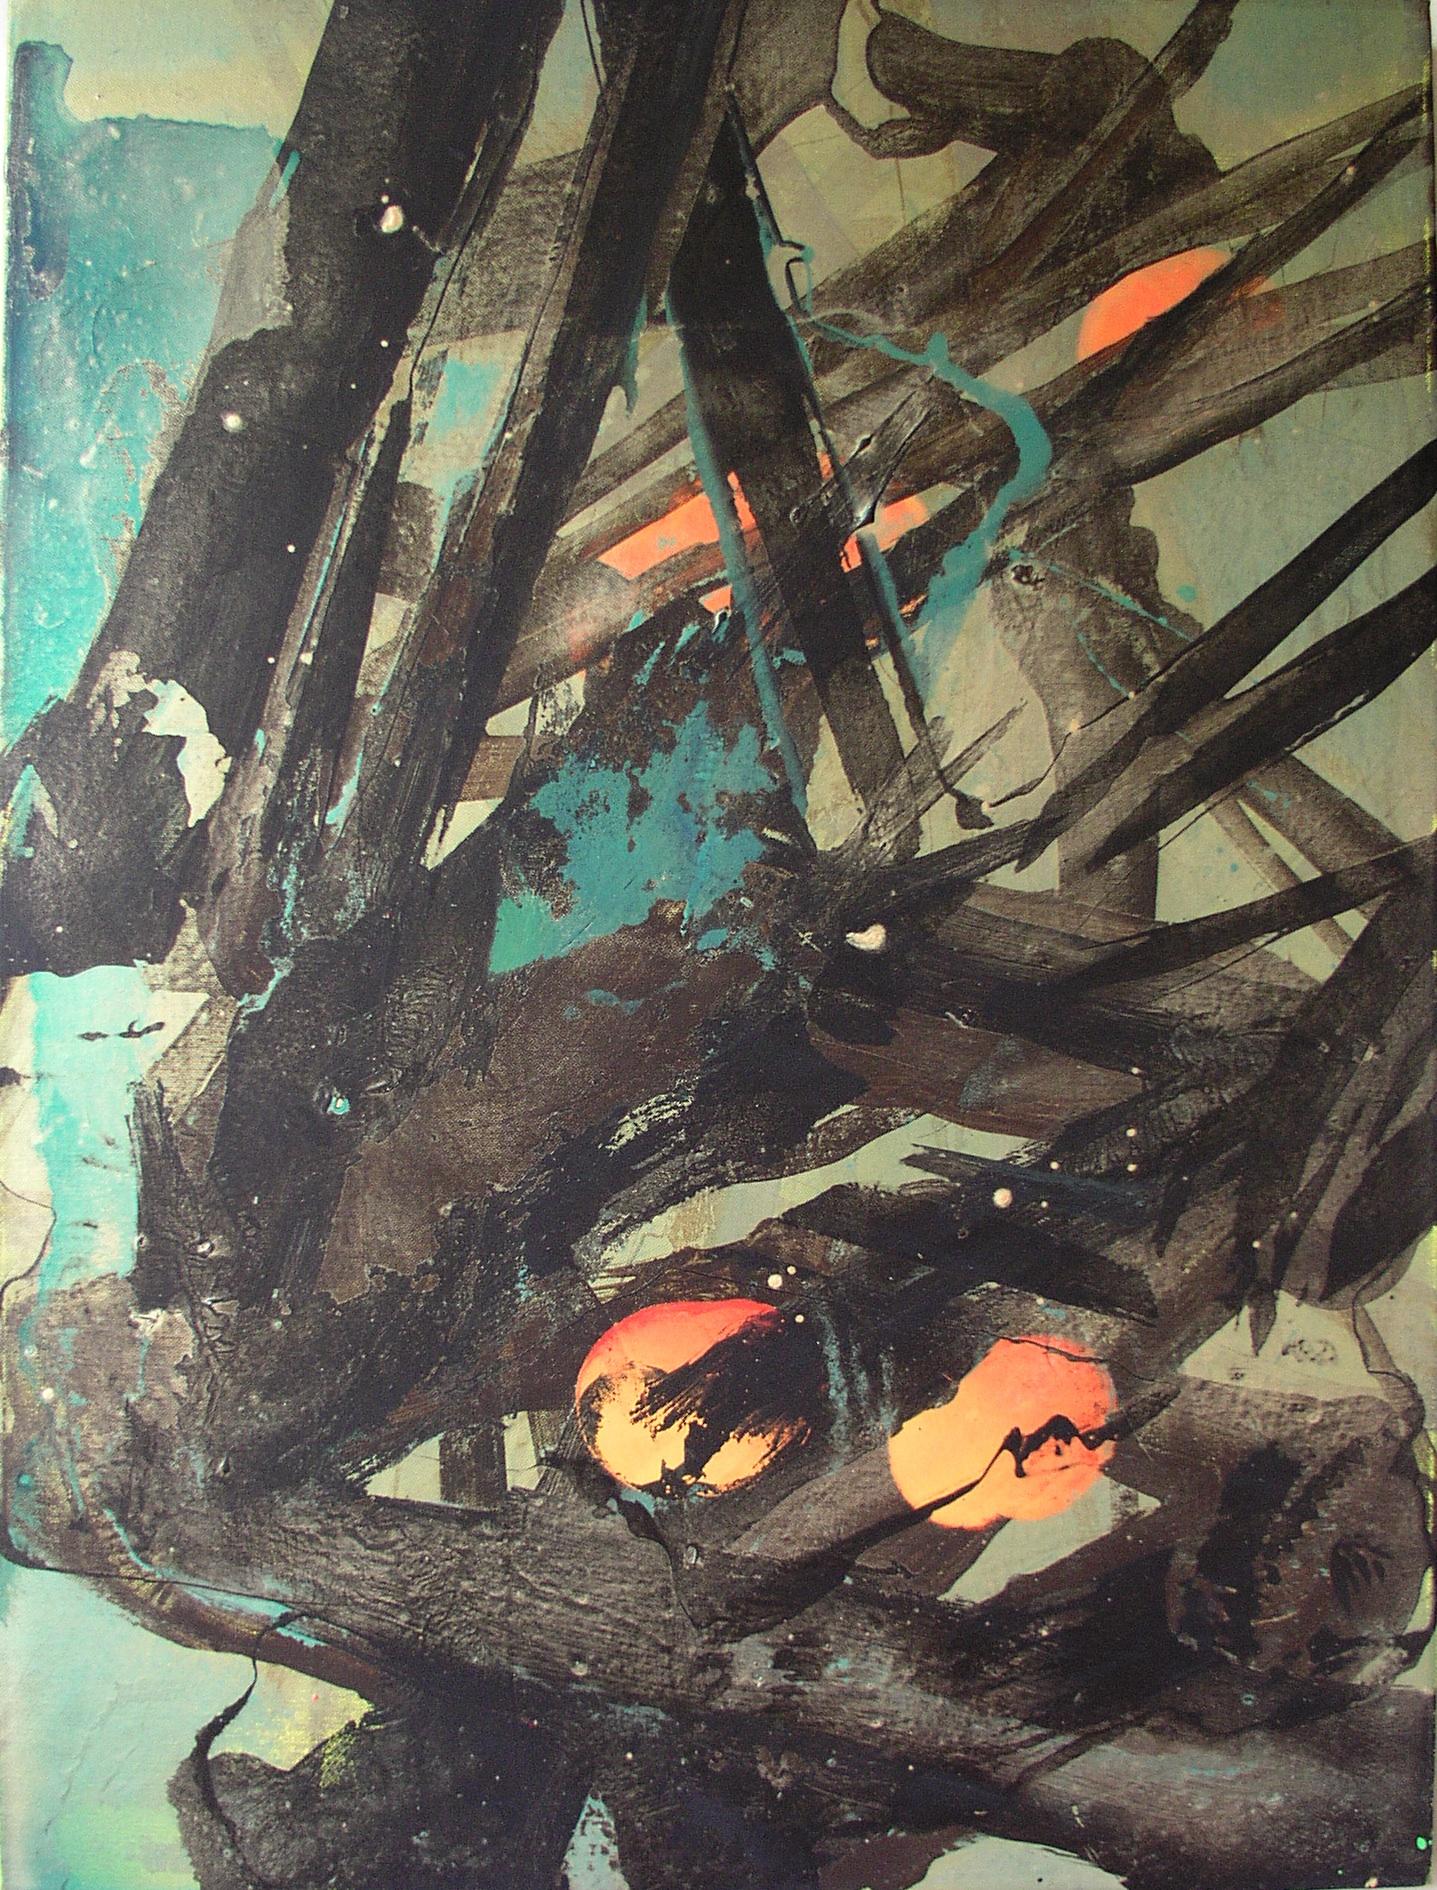 SoHyun Bae, La Quercia, 2008, acrylic on canvas, 80 x 60 cm